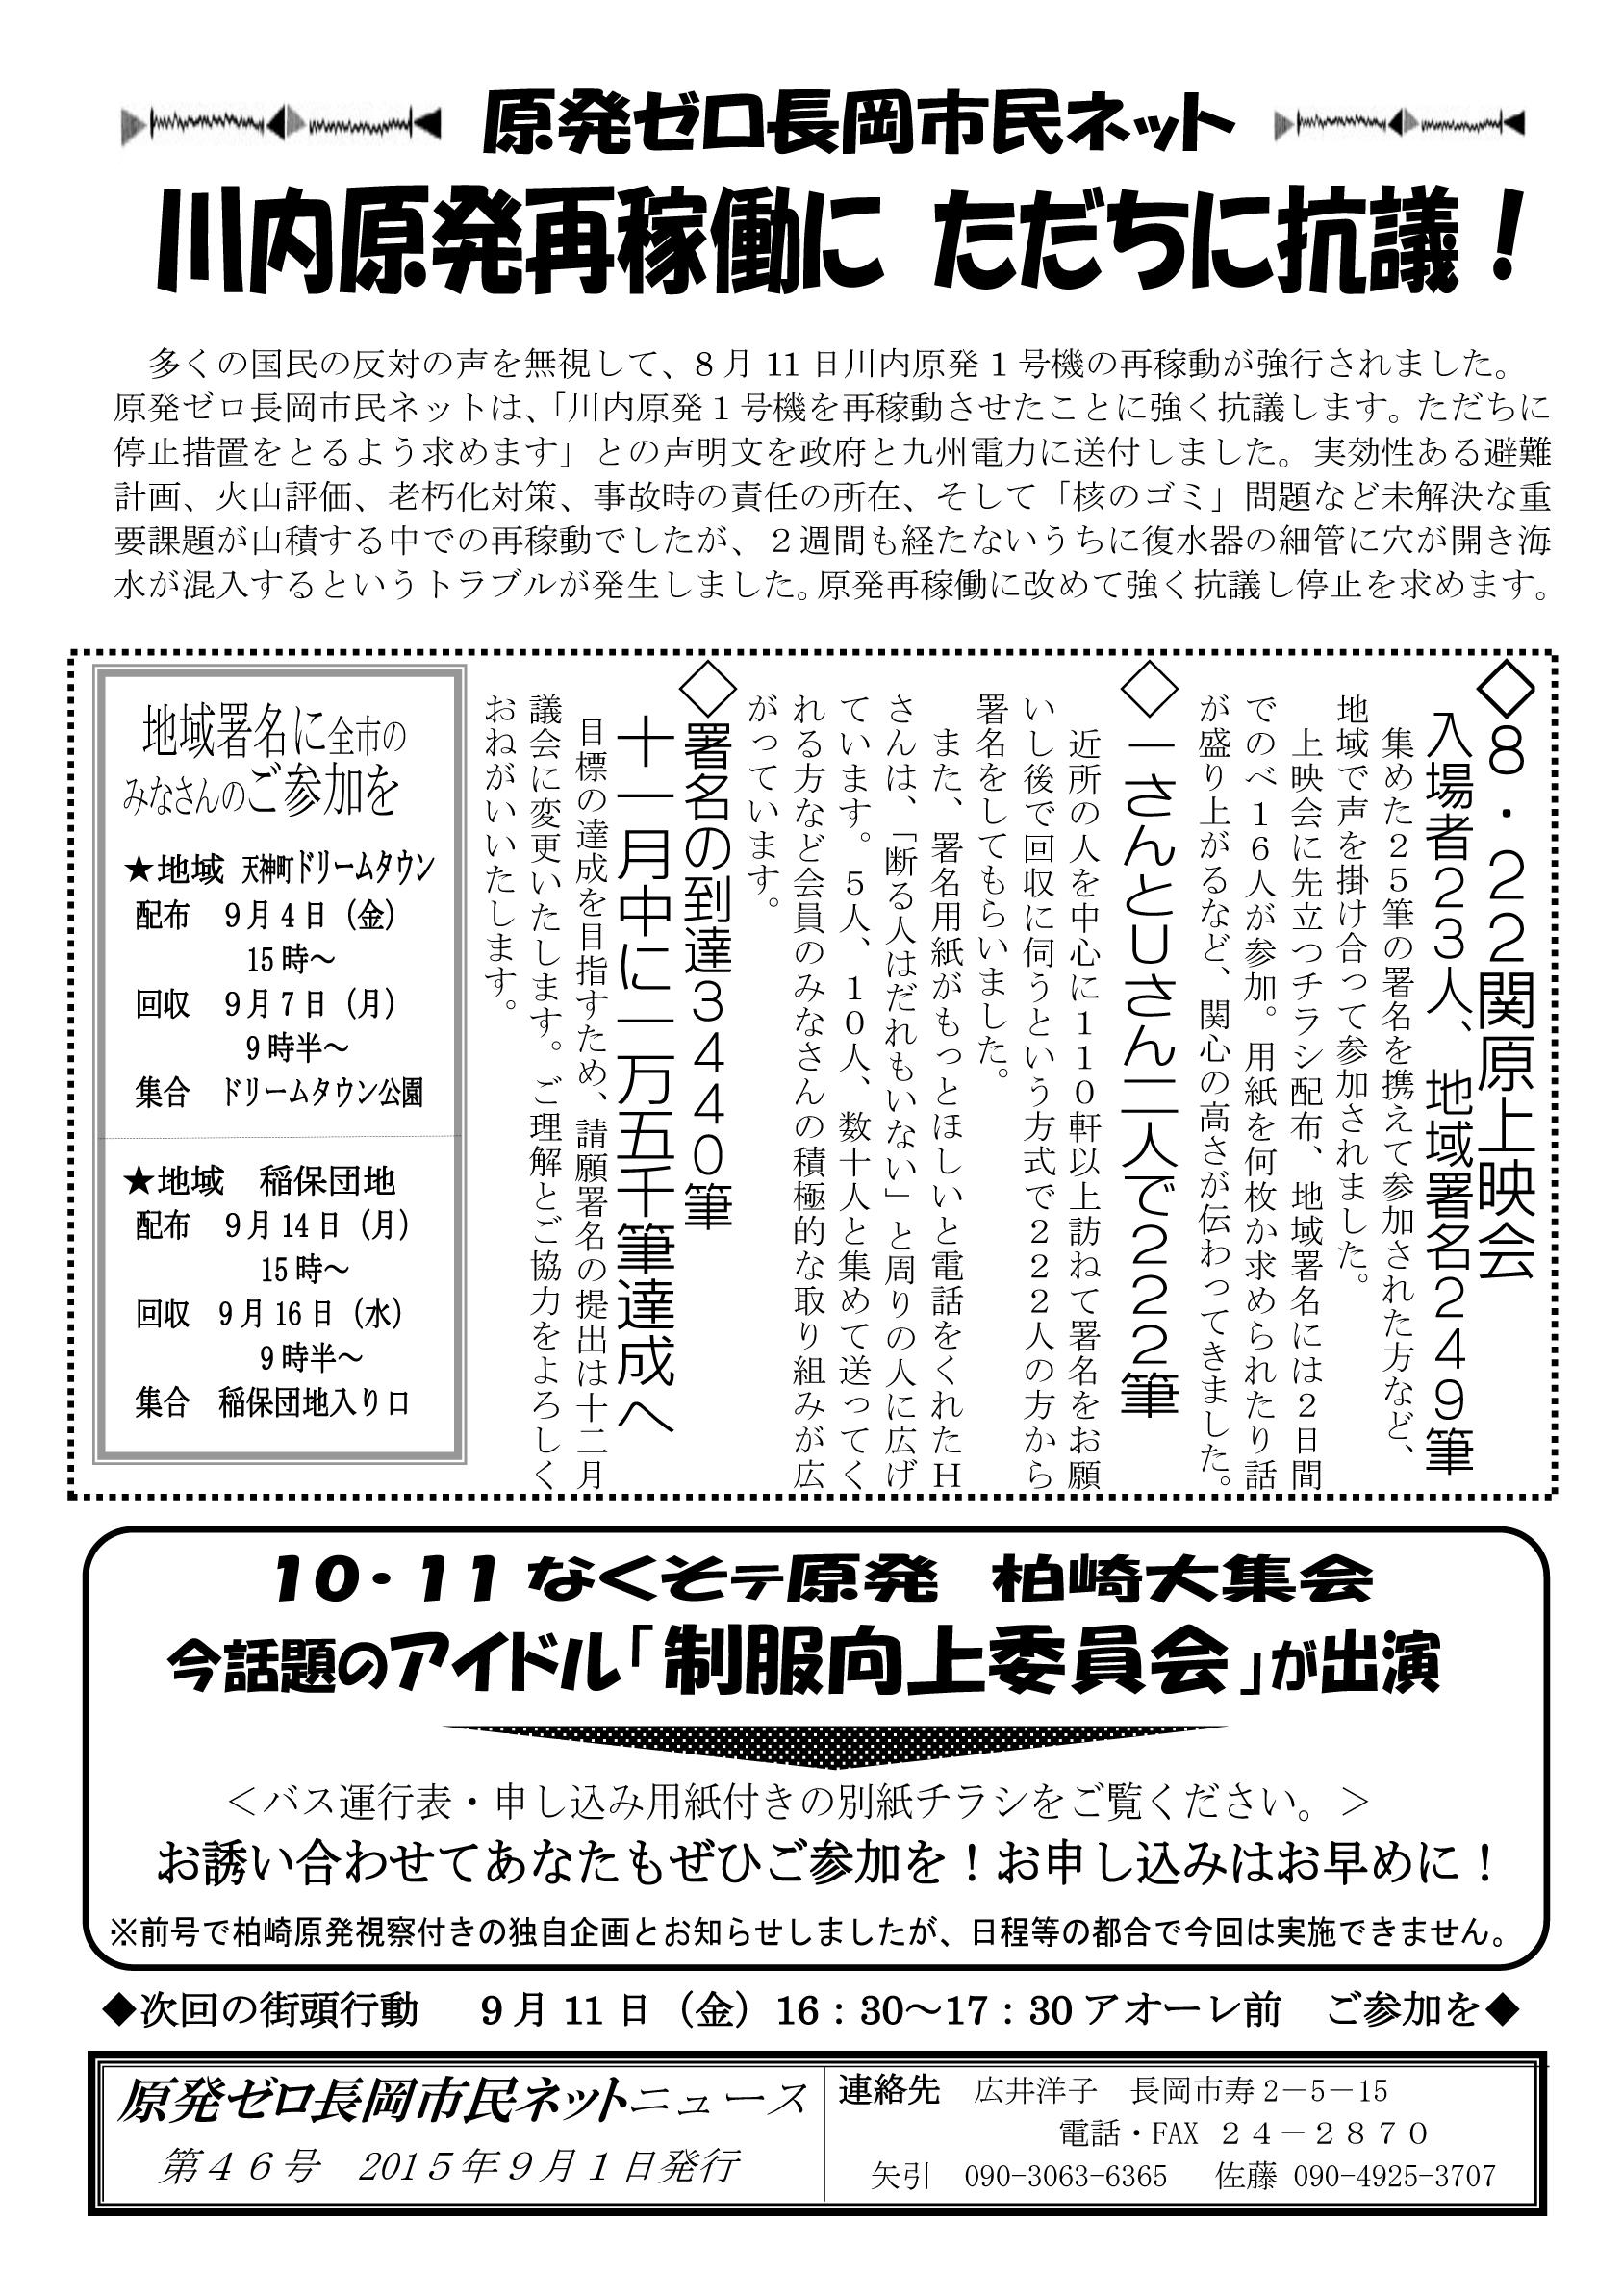 2015-09-01_1.jpg